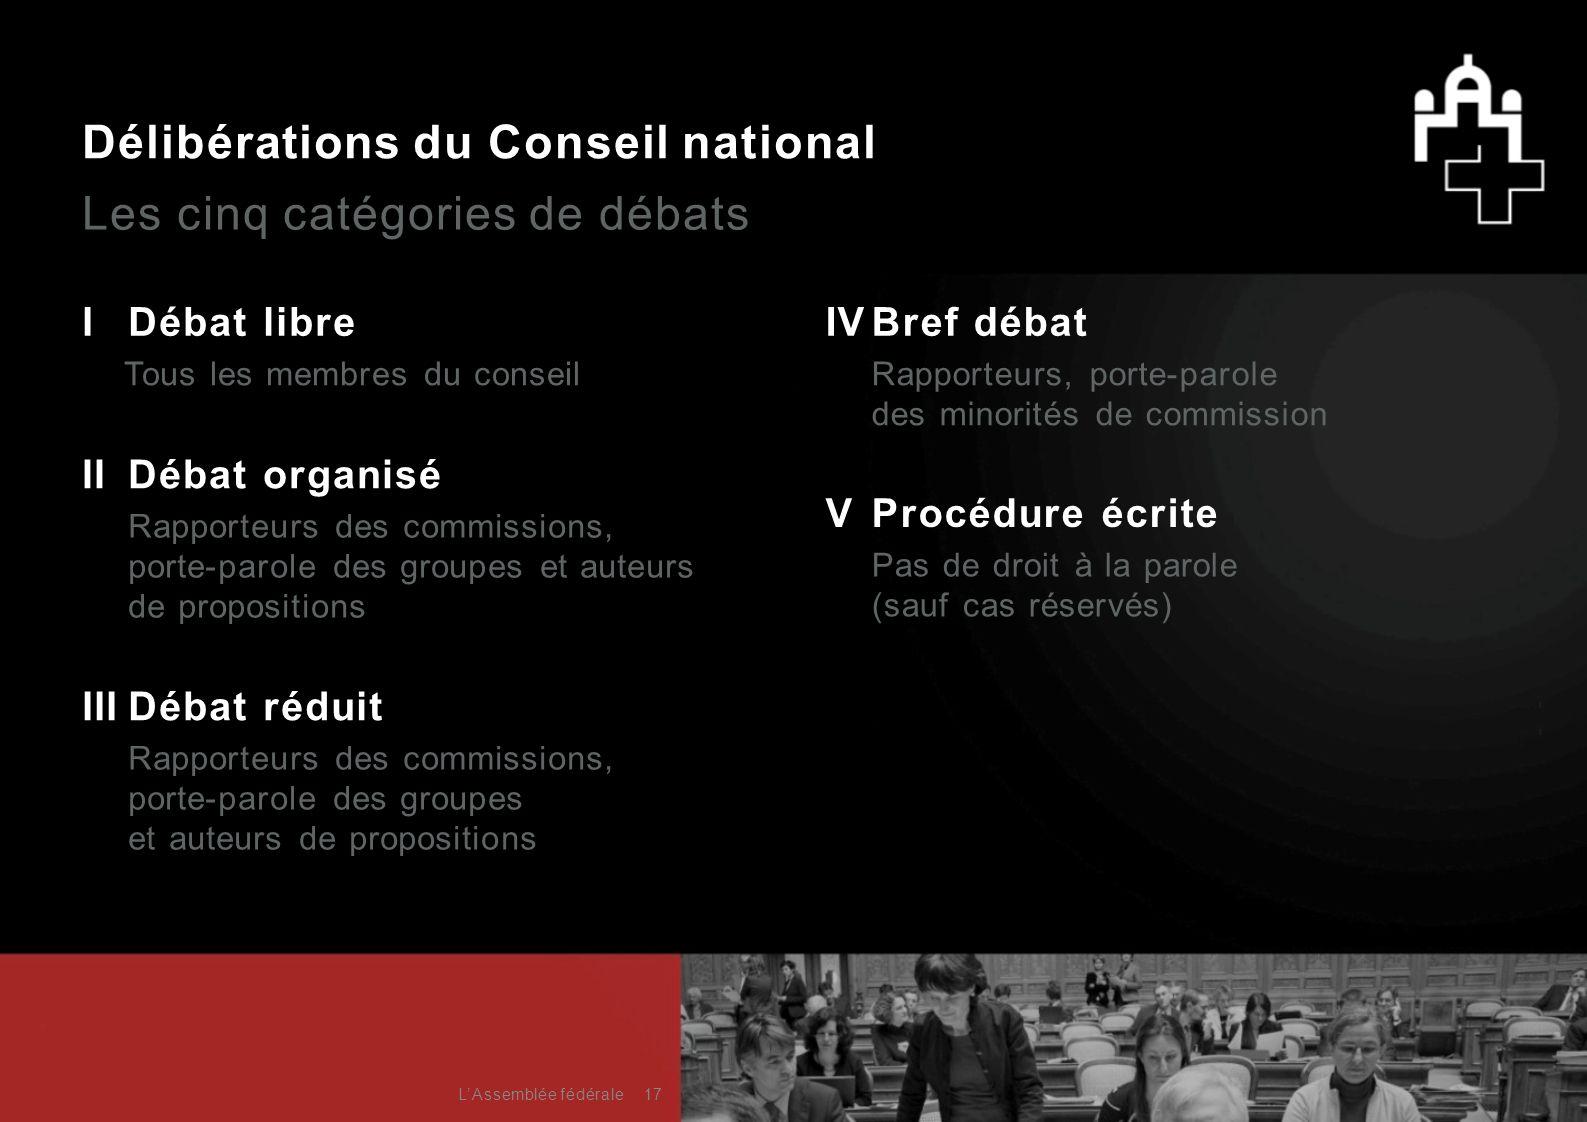 Délibérations du Conseil national Les cinq catégories de débats IDébat libre IIDébat organisé Rapporteurs des commissions, porte-parole des groupes et